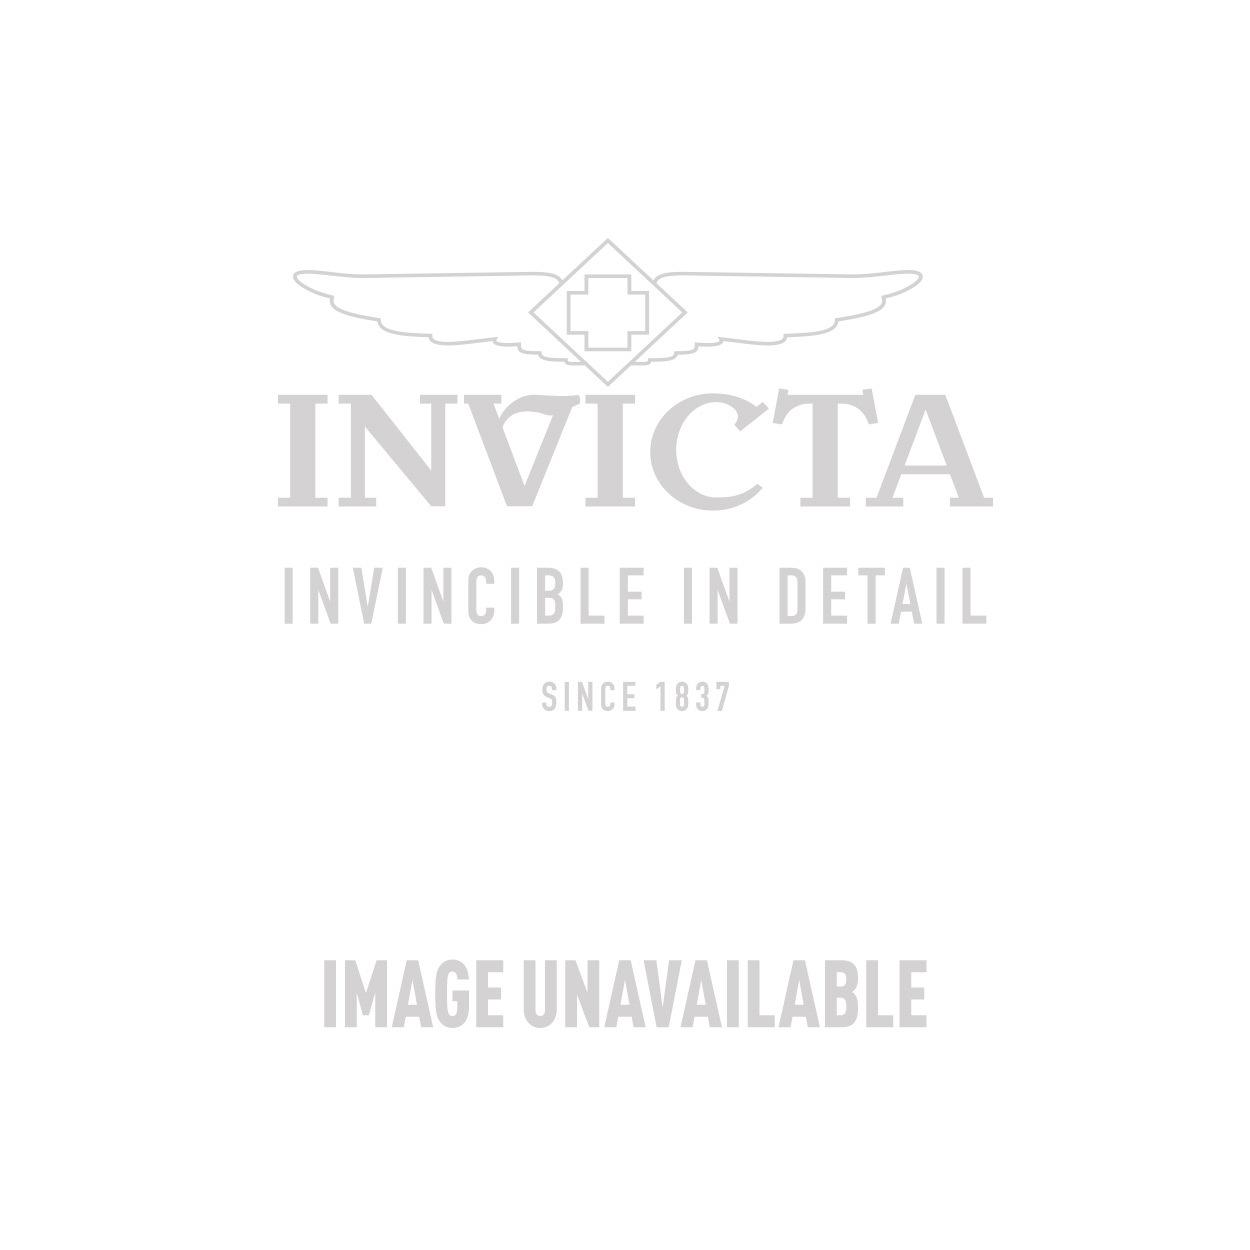 Invicta Model 27418